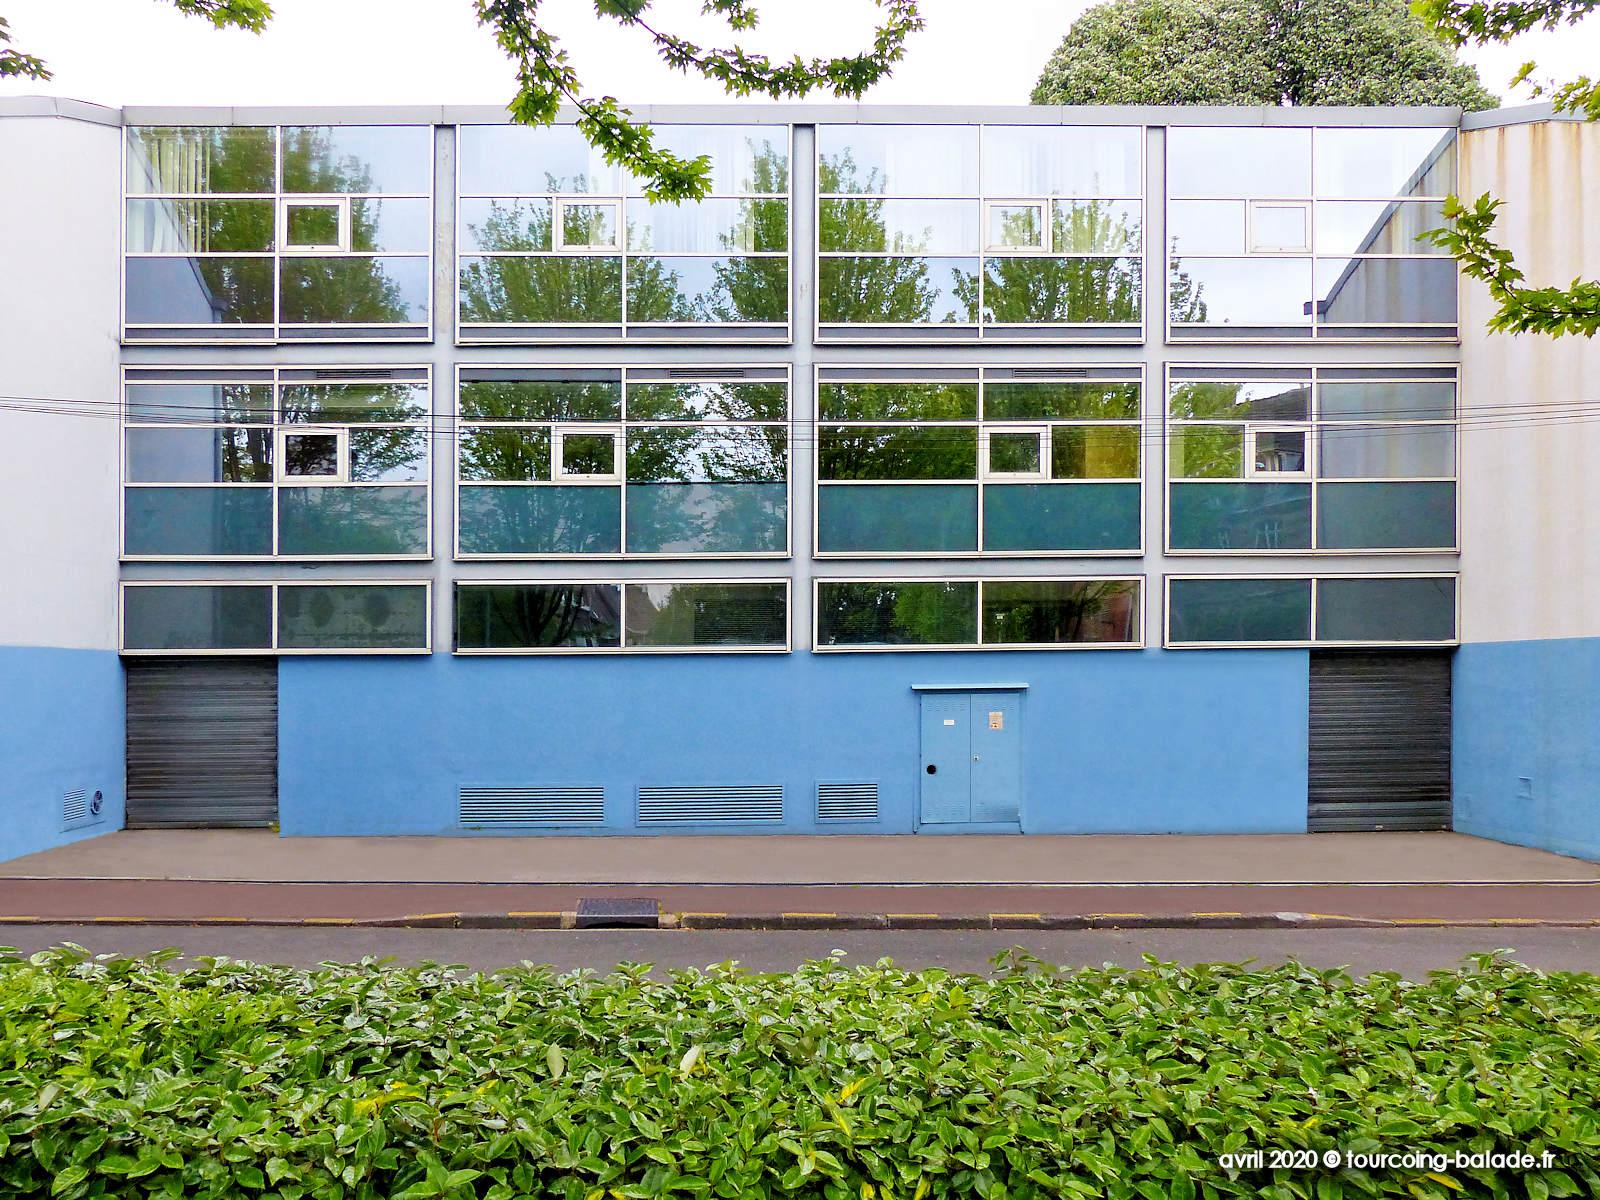 Lycée EIC Livraison restaurant scolaire - Austerlitz, Tourcoing.